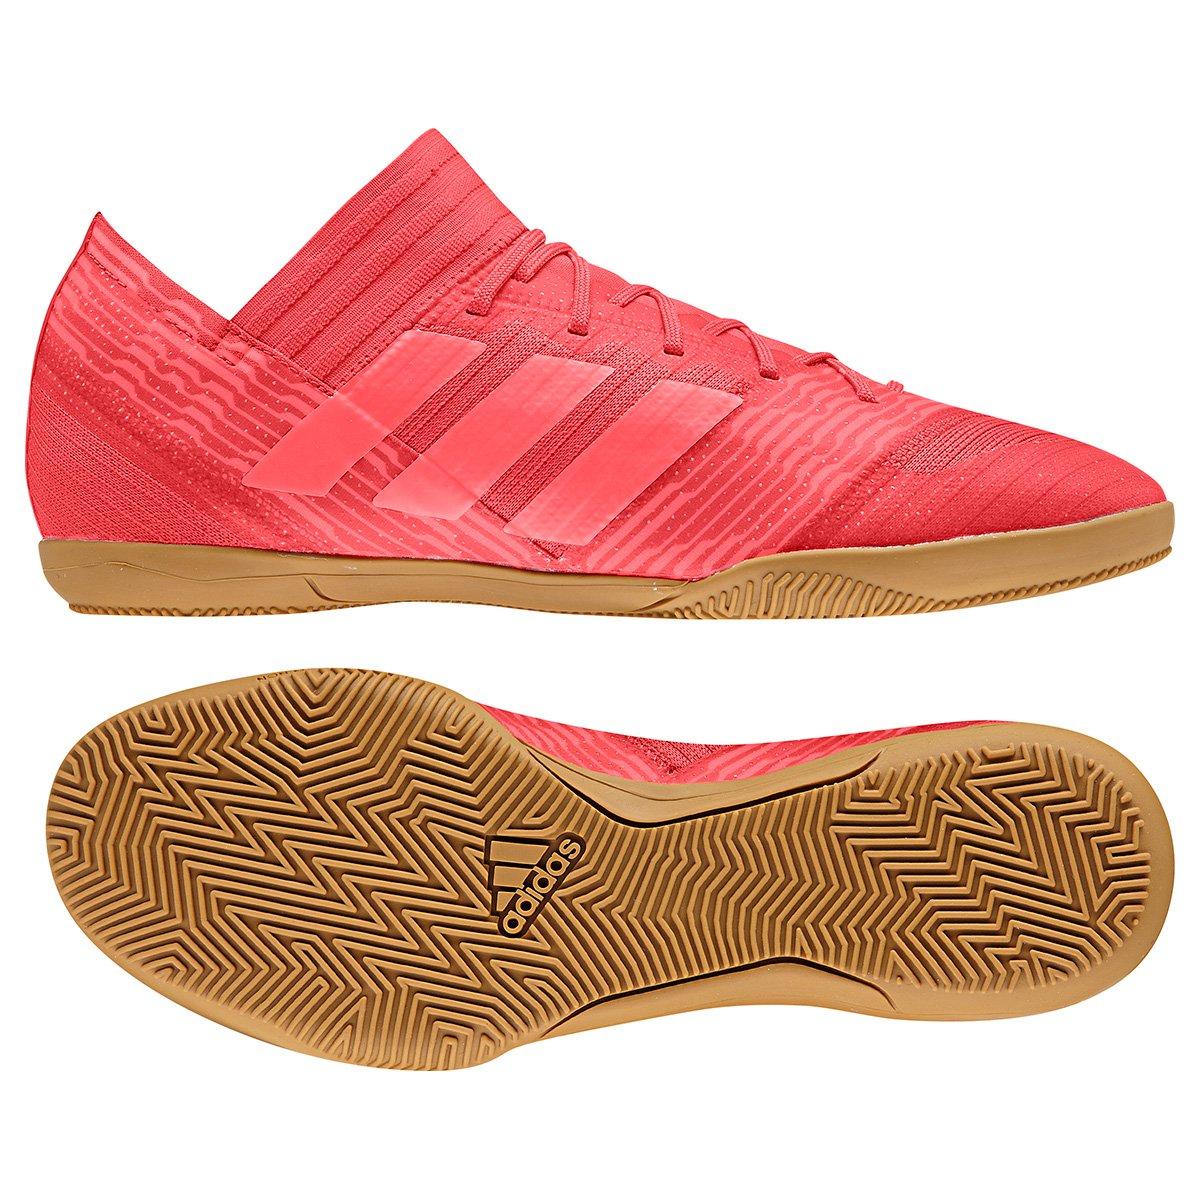 60a90b0a28a0 Chuteira Futsal Adidas Nemeziz 17.3 IN - Vermelho - Compre Agora ...